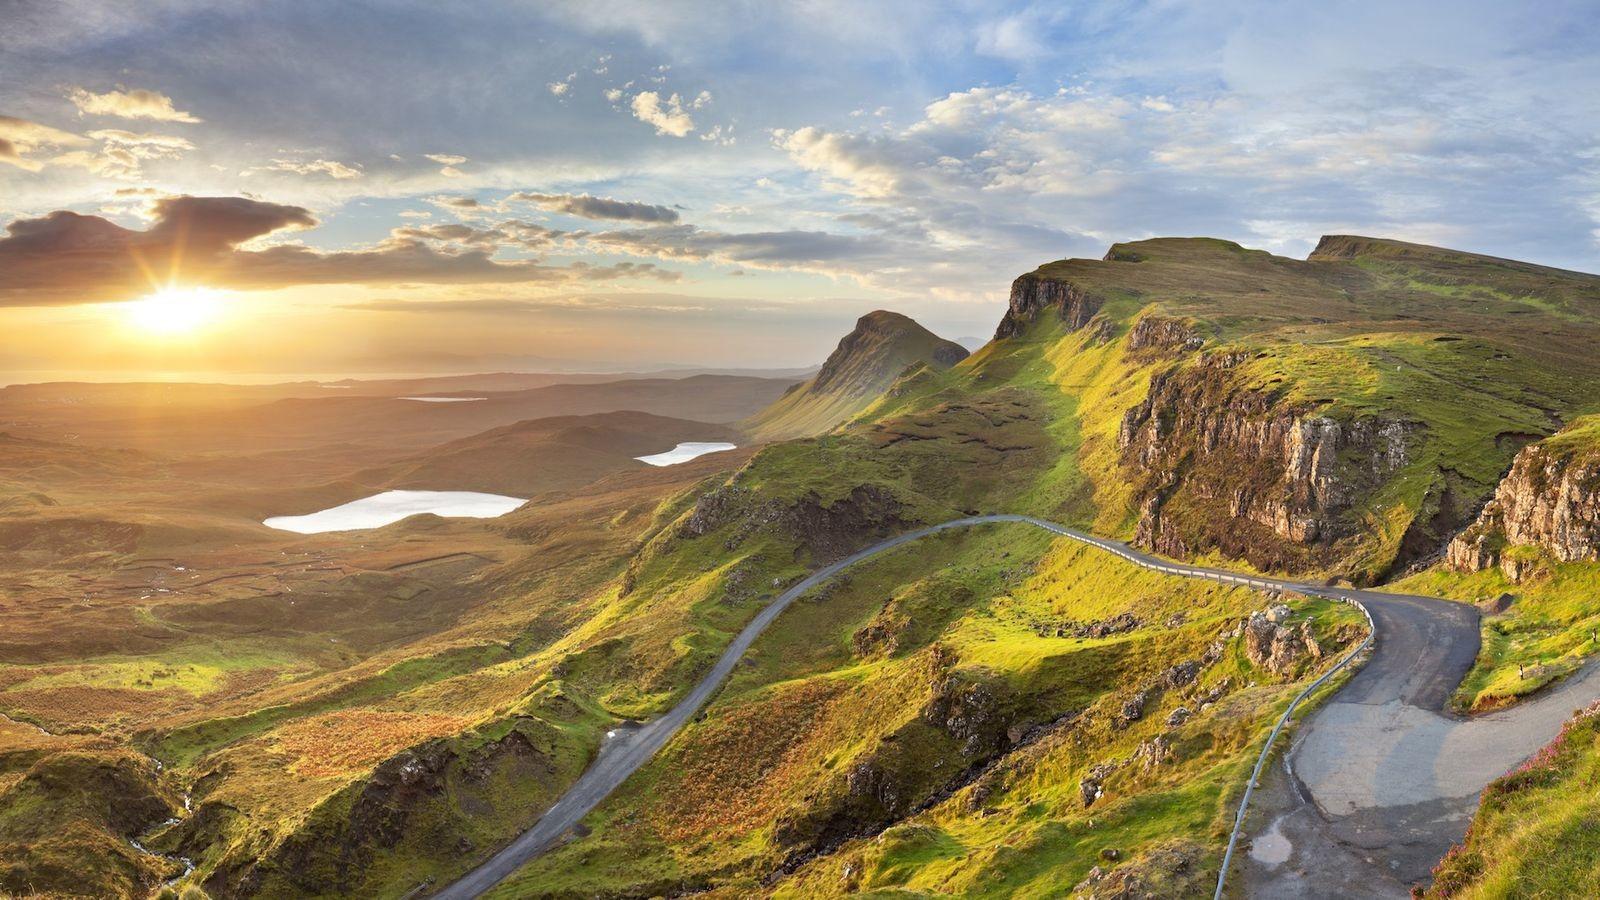 De single track roads van Schotland, waar de auteur doodsangsten uitstaat.